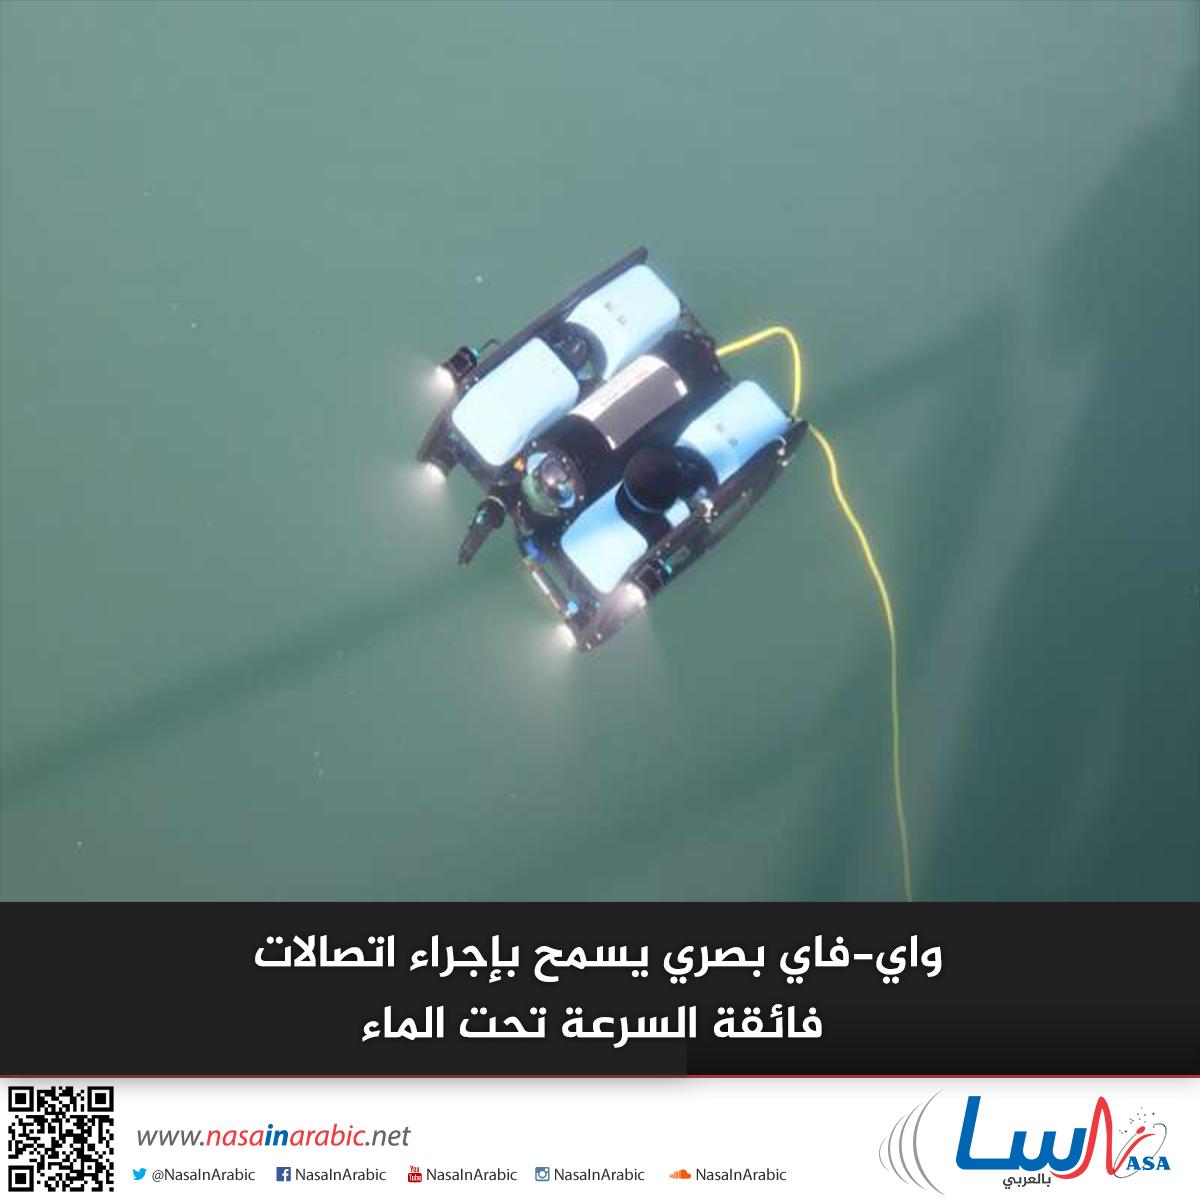 واي-فاي بصري يسمح بإجراء اتصالات فائقة السرعة تحت الماء